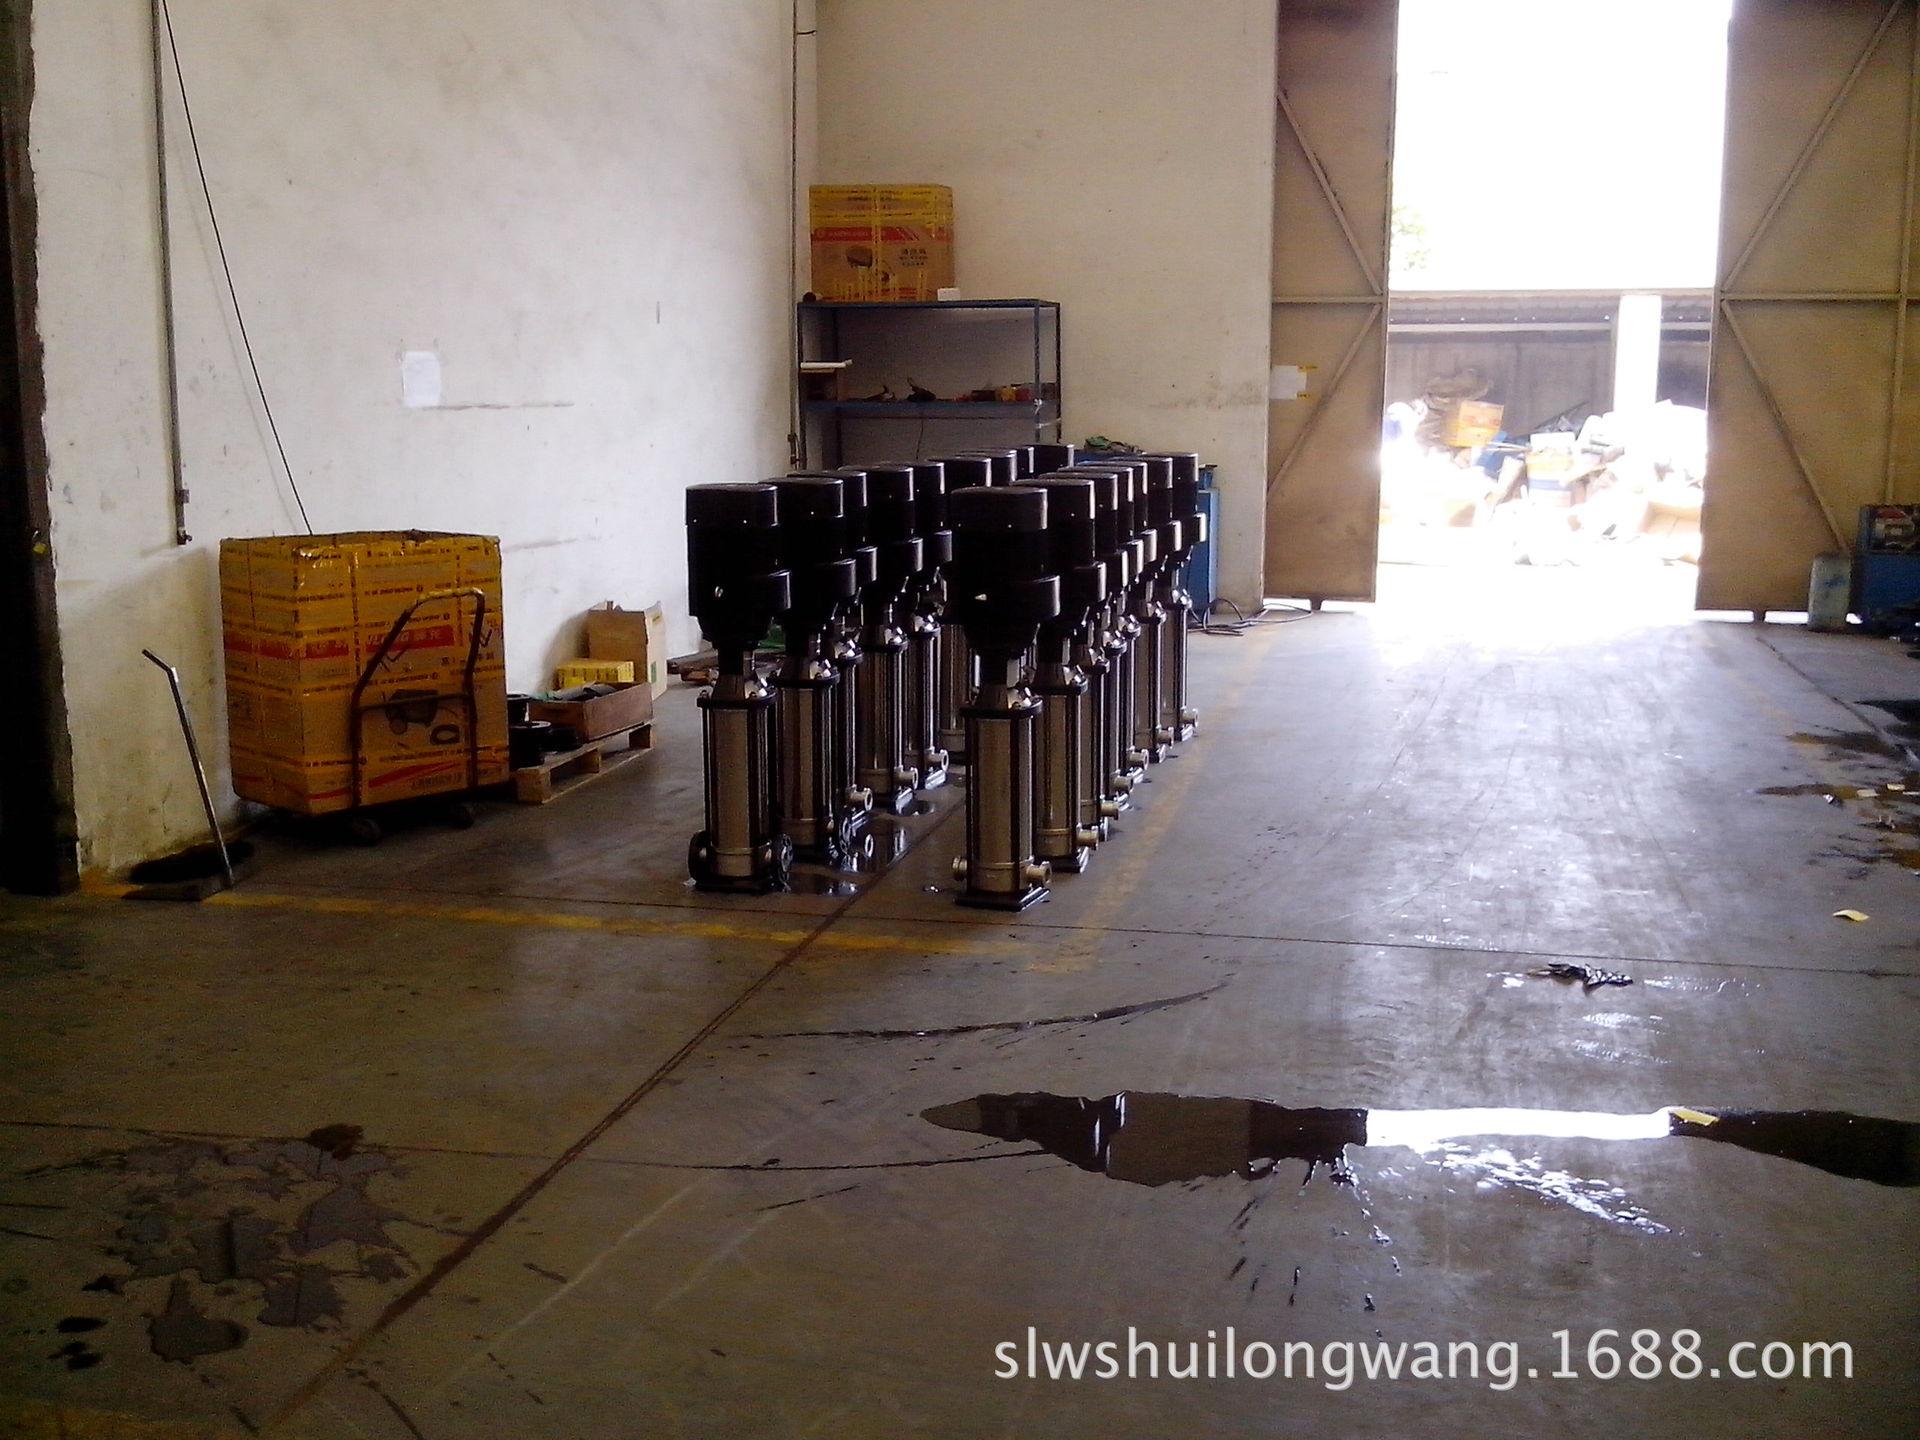 【水图纸slw管道循环泵立式管道离心泵v图纸pdf龙王划线上图片